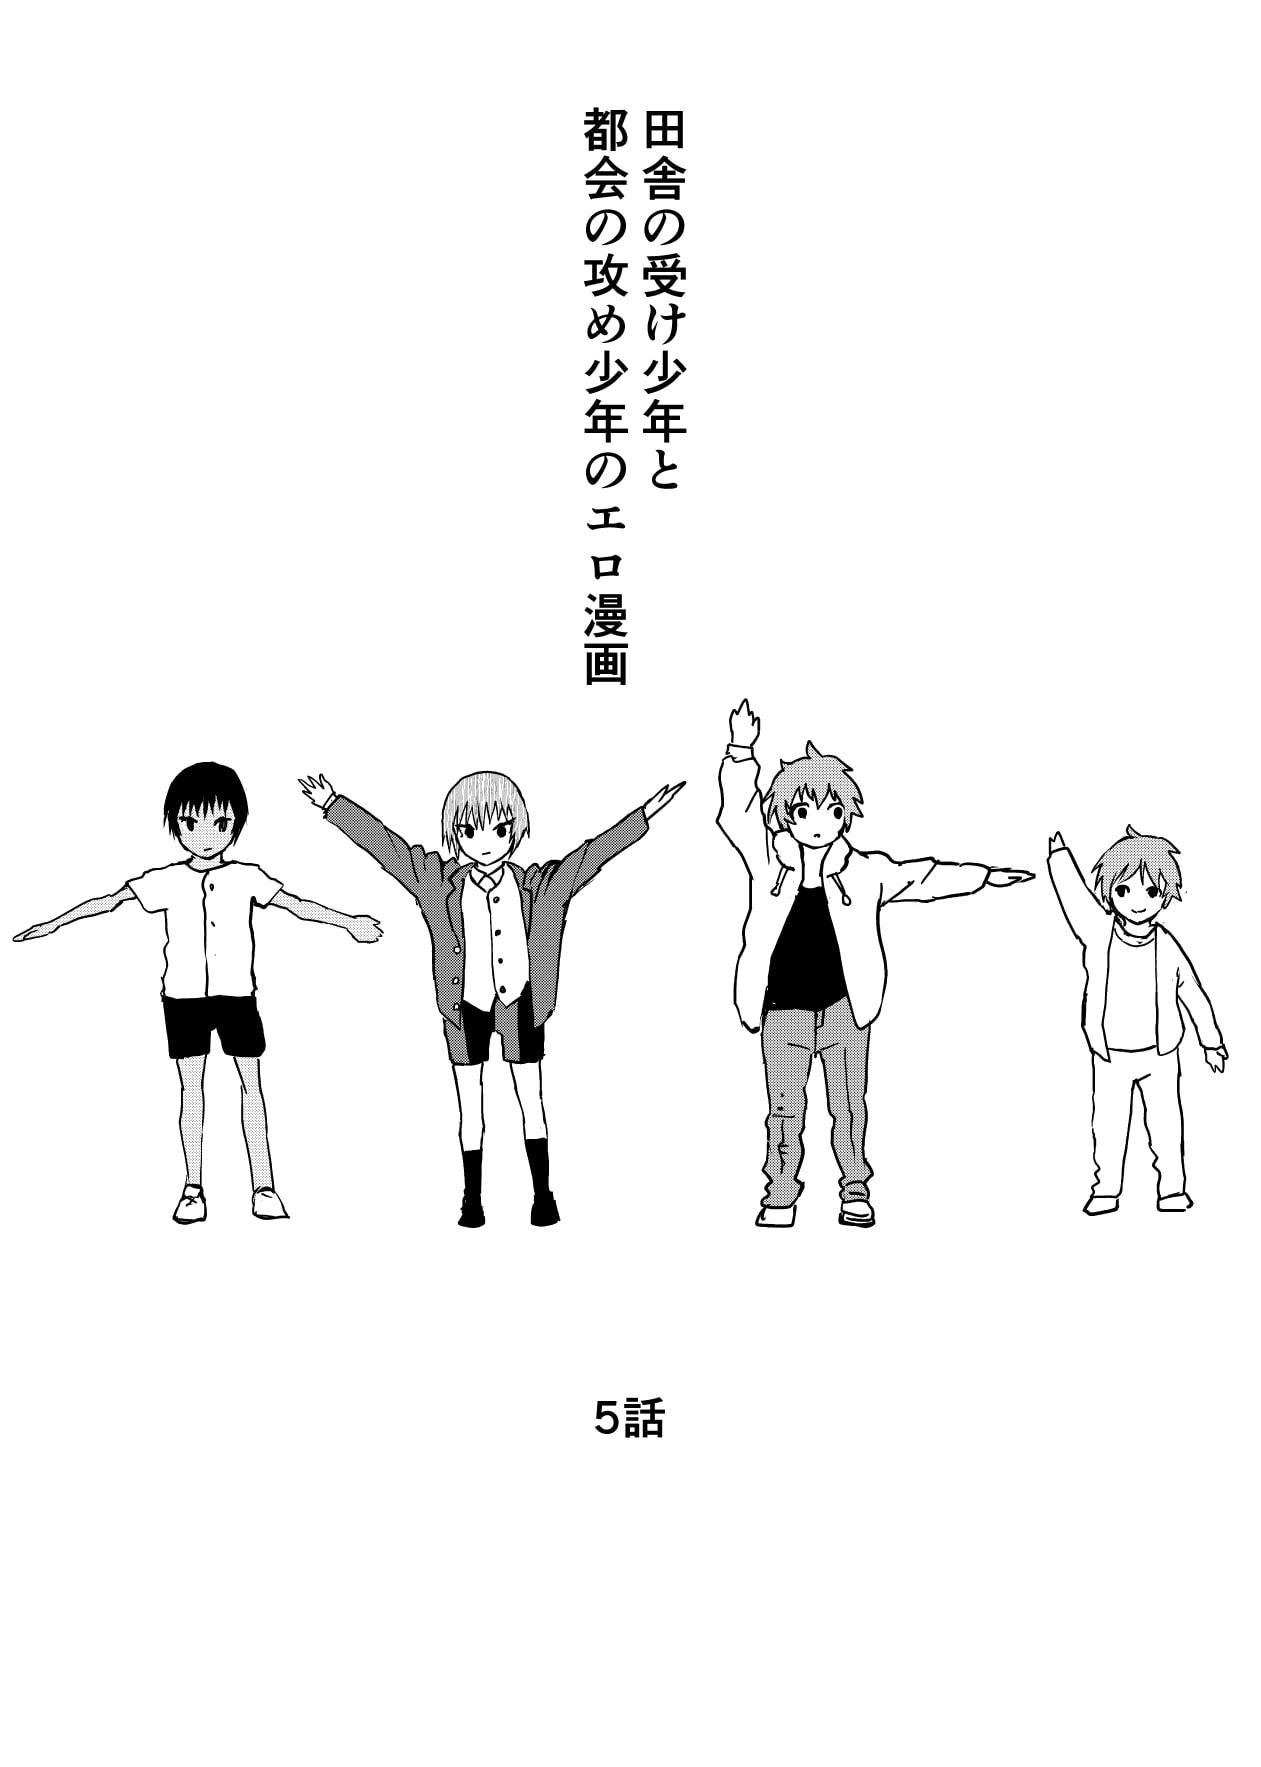 田舎の受け少年と都会の攻め少年のエロ漫画【5話】のサンプル画像1